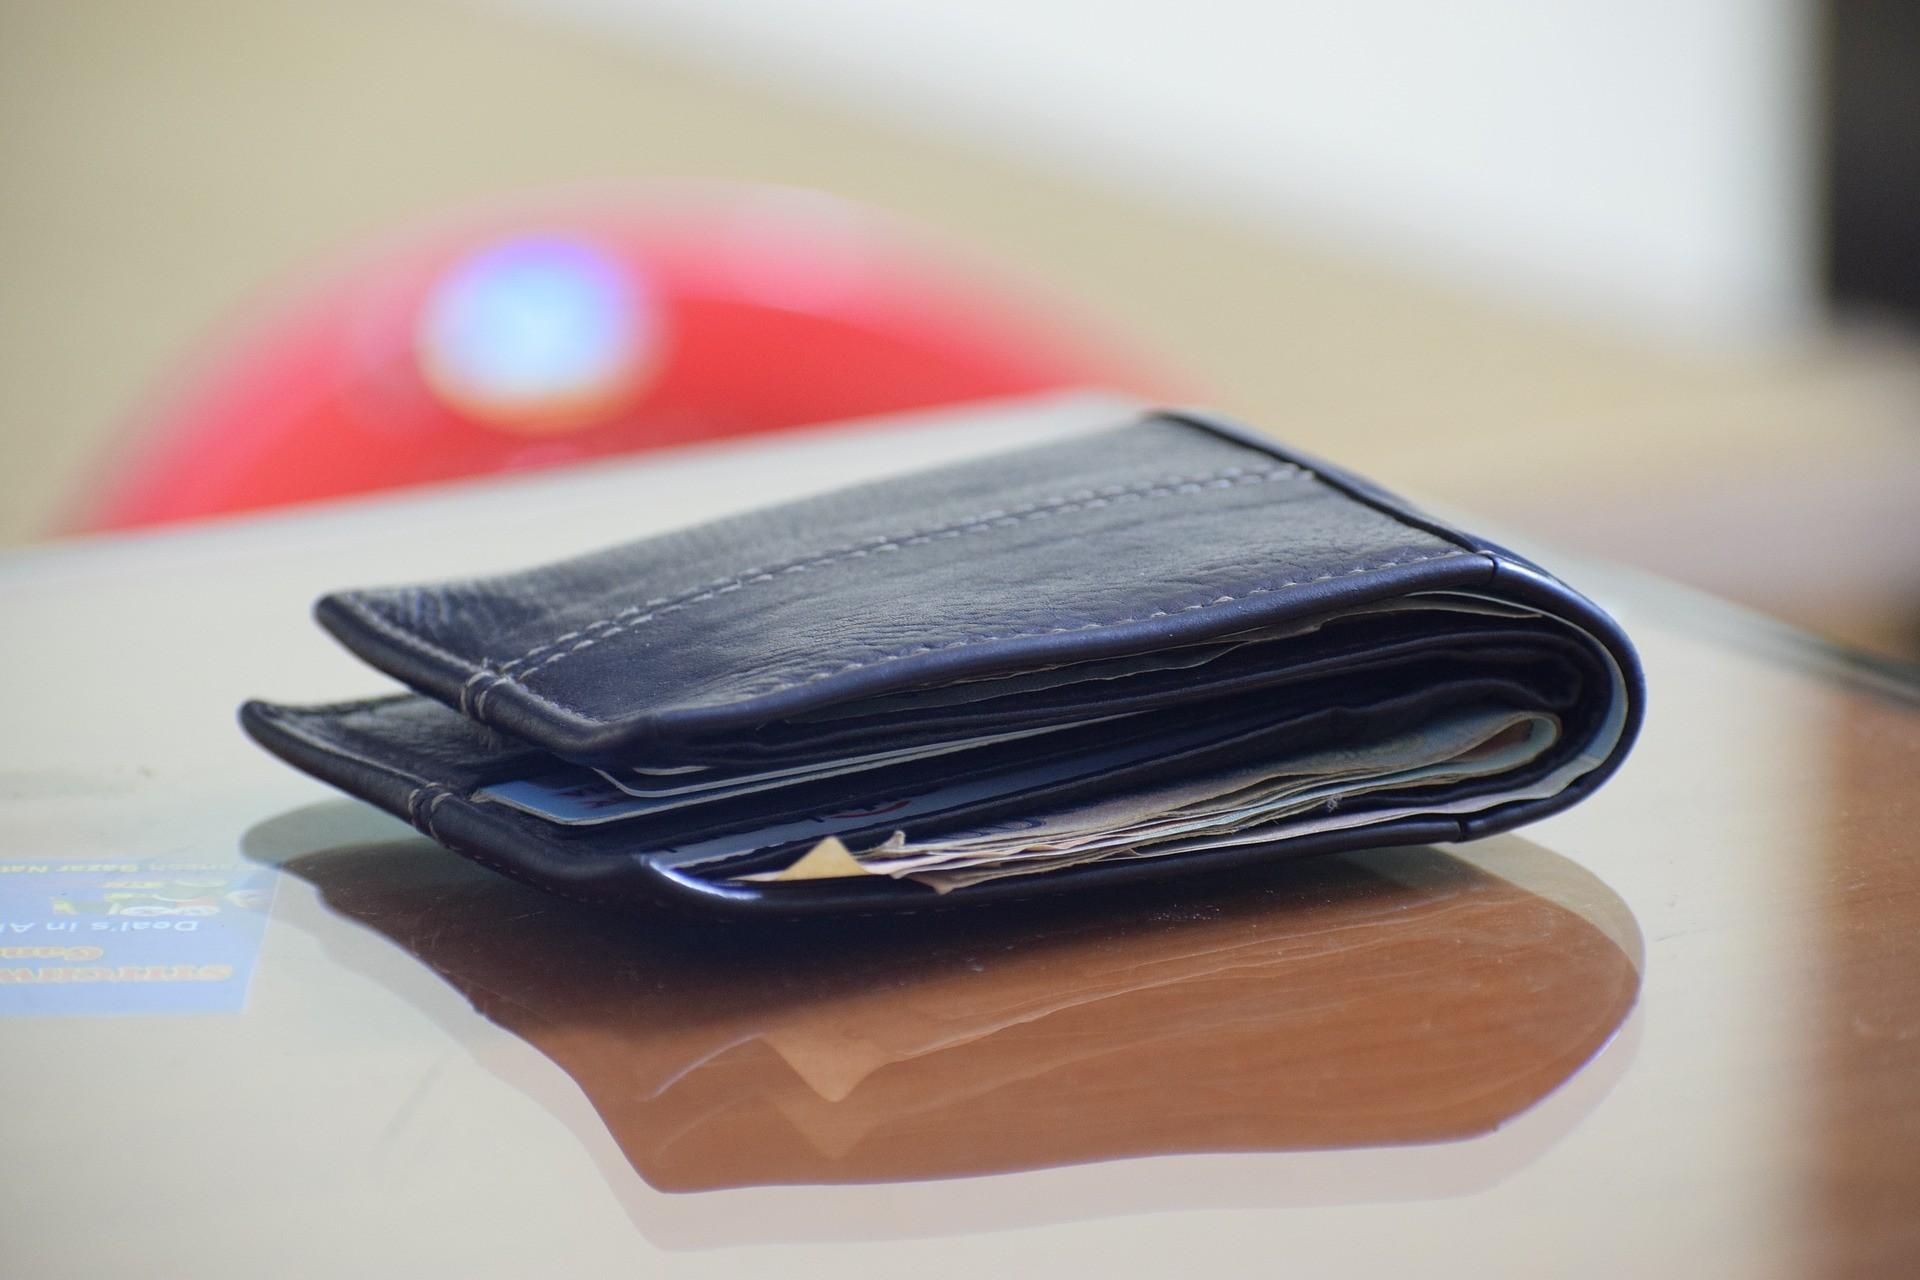 Les Meilleures Options des Cartes de Crédit sans Frais de Retraits et Paiements - Découvrez-Ici